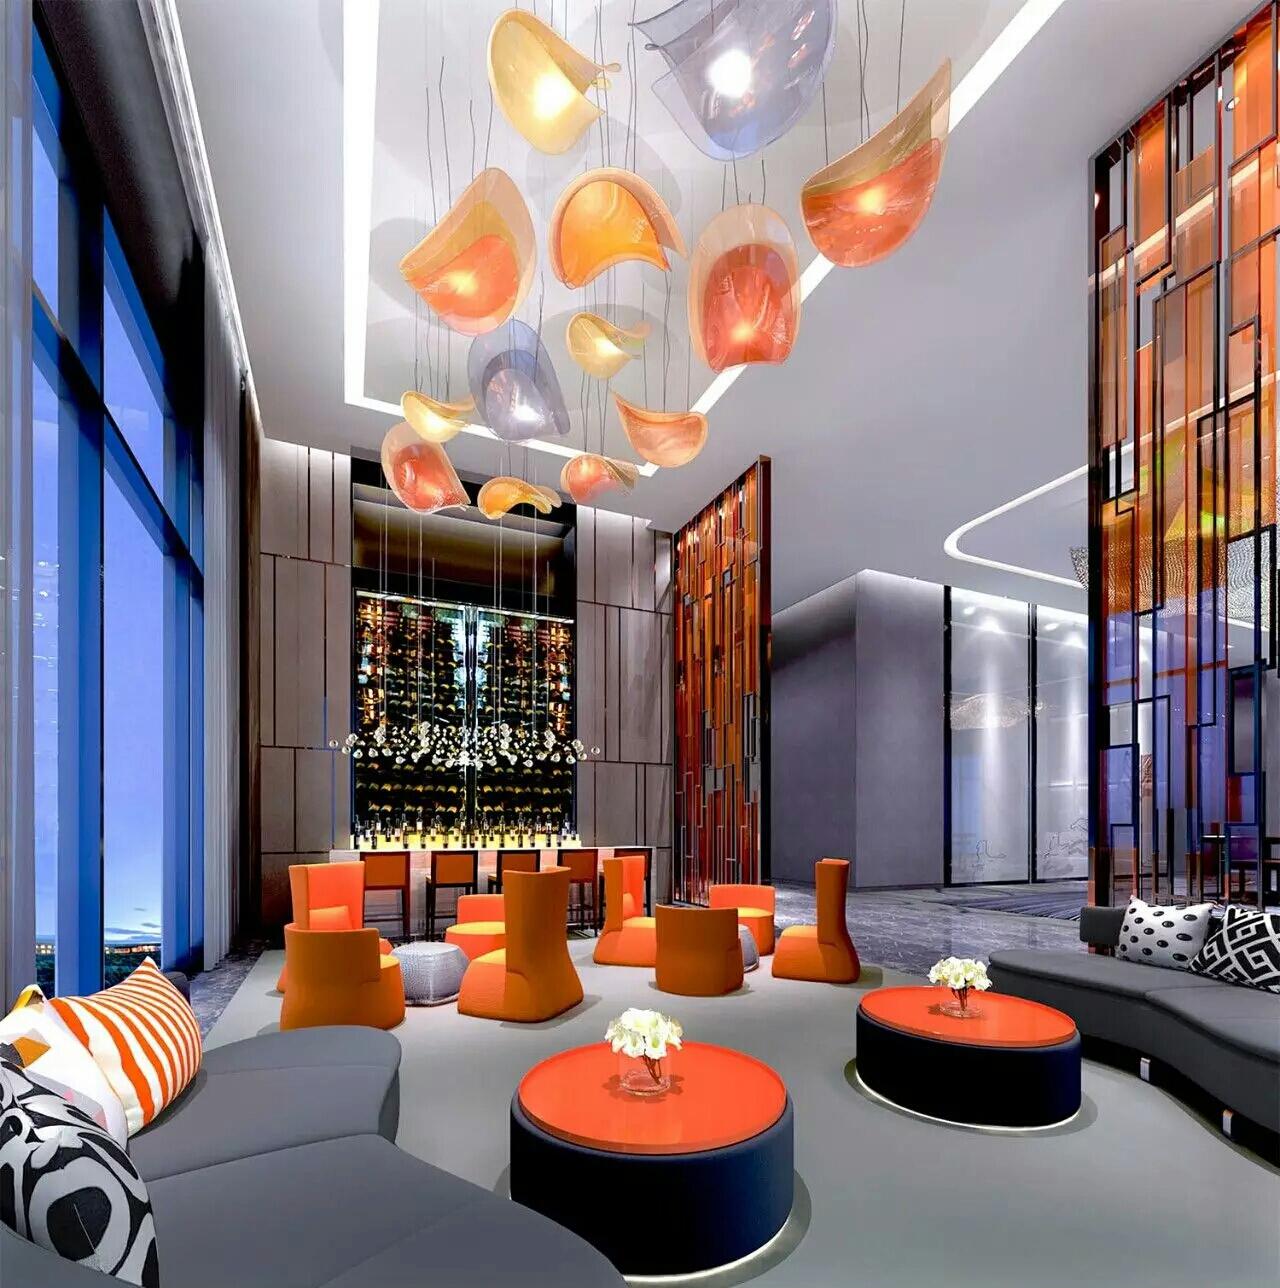 一个酒店设计师必备的技能|成都酒店设计师解读